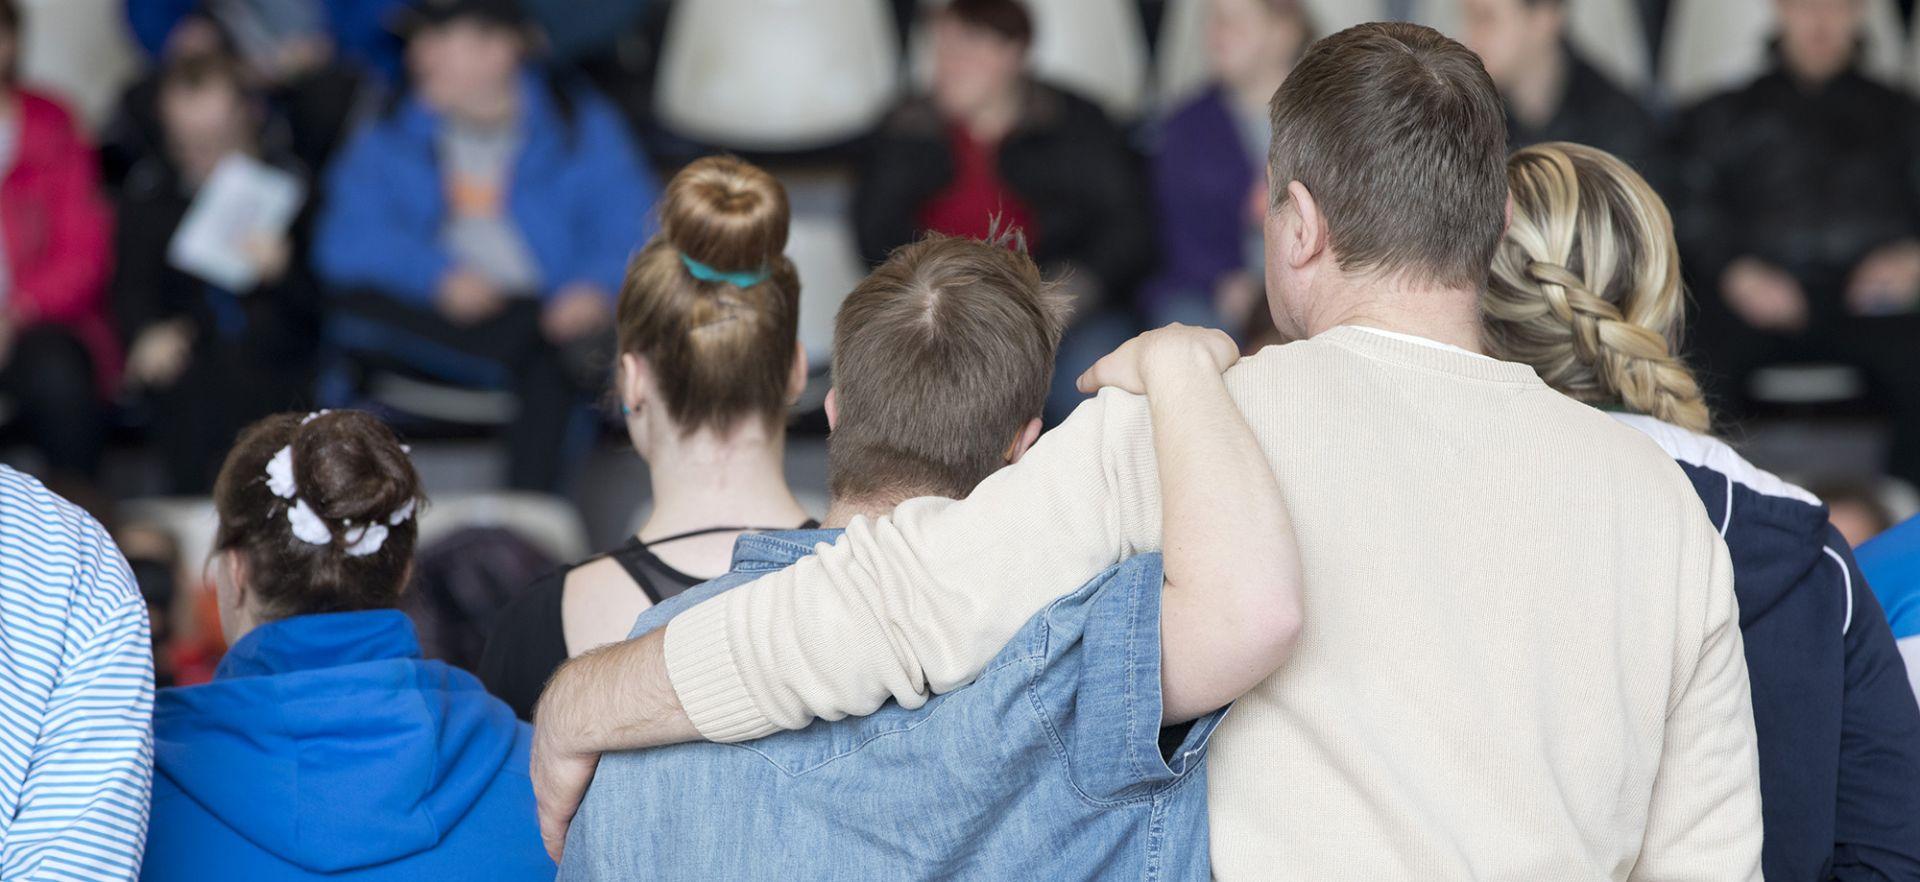 Mies ja poika kädet toistensa harteilla.